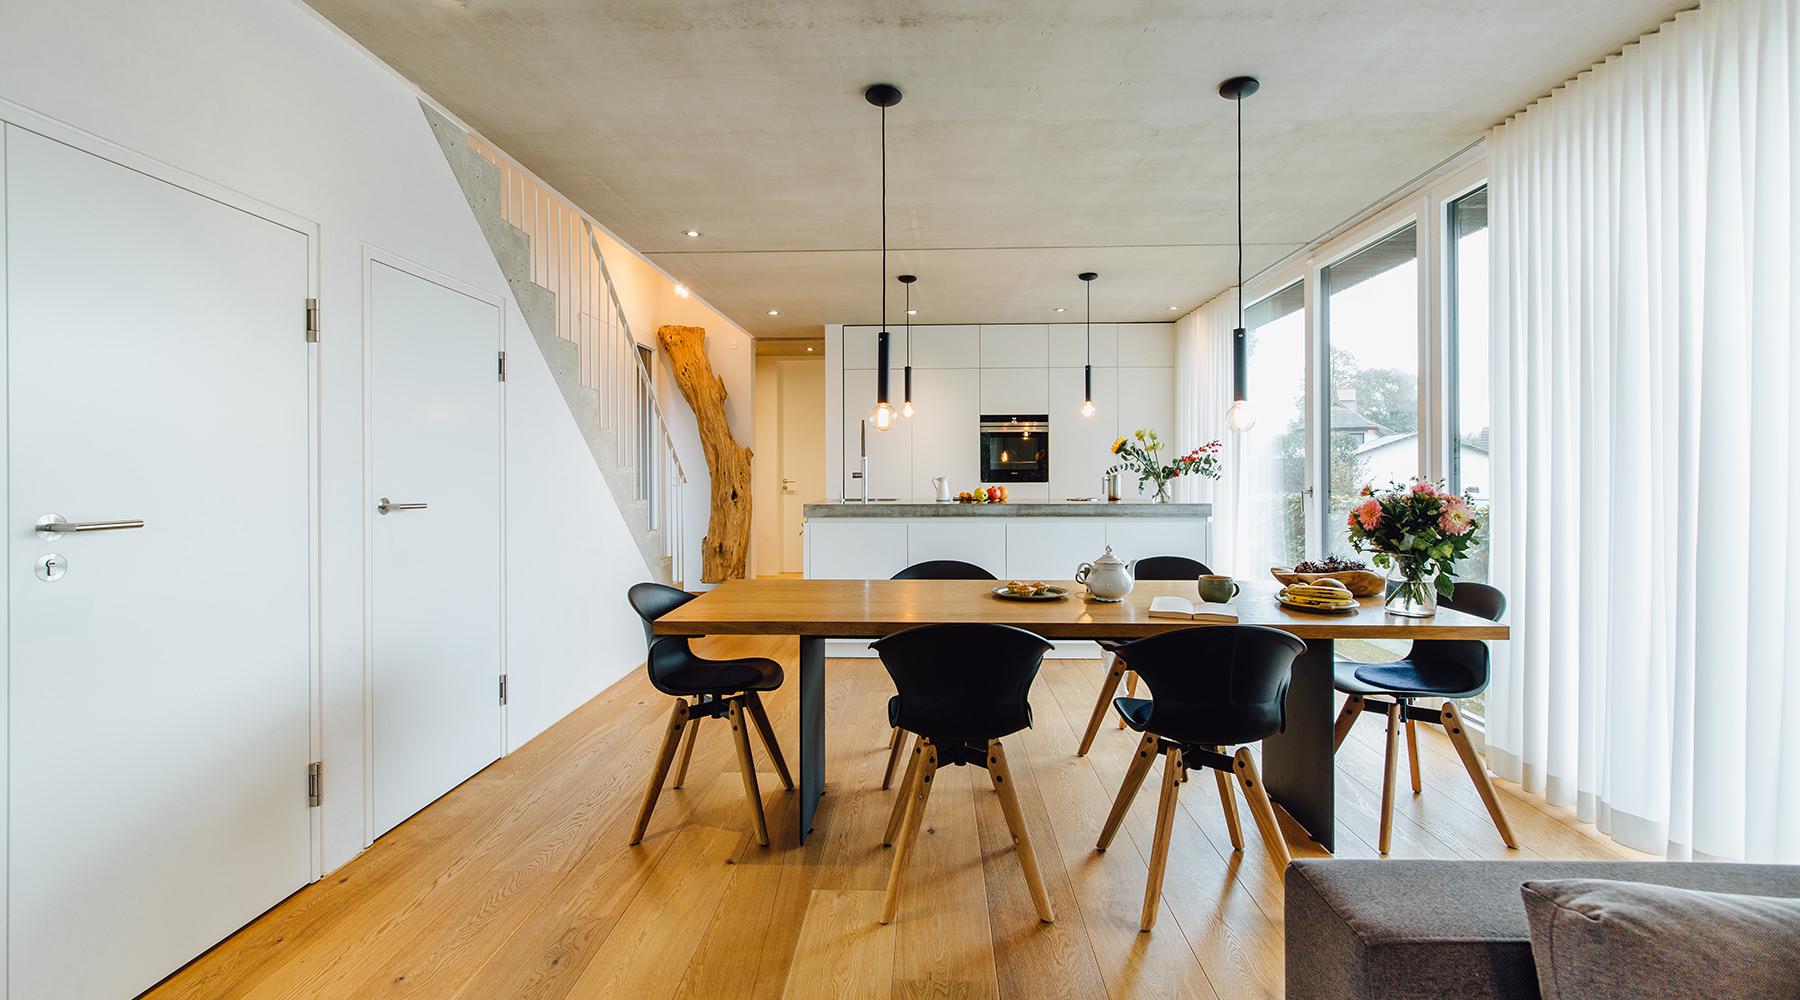 ferienhaus dar mieten genie en sie ihren urlaub wieckin. Black Bedroom Furniture Sets. Home Design Ideas